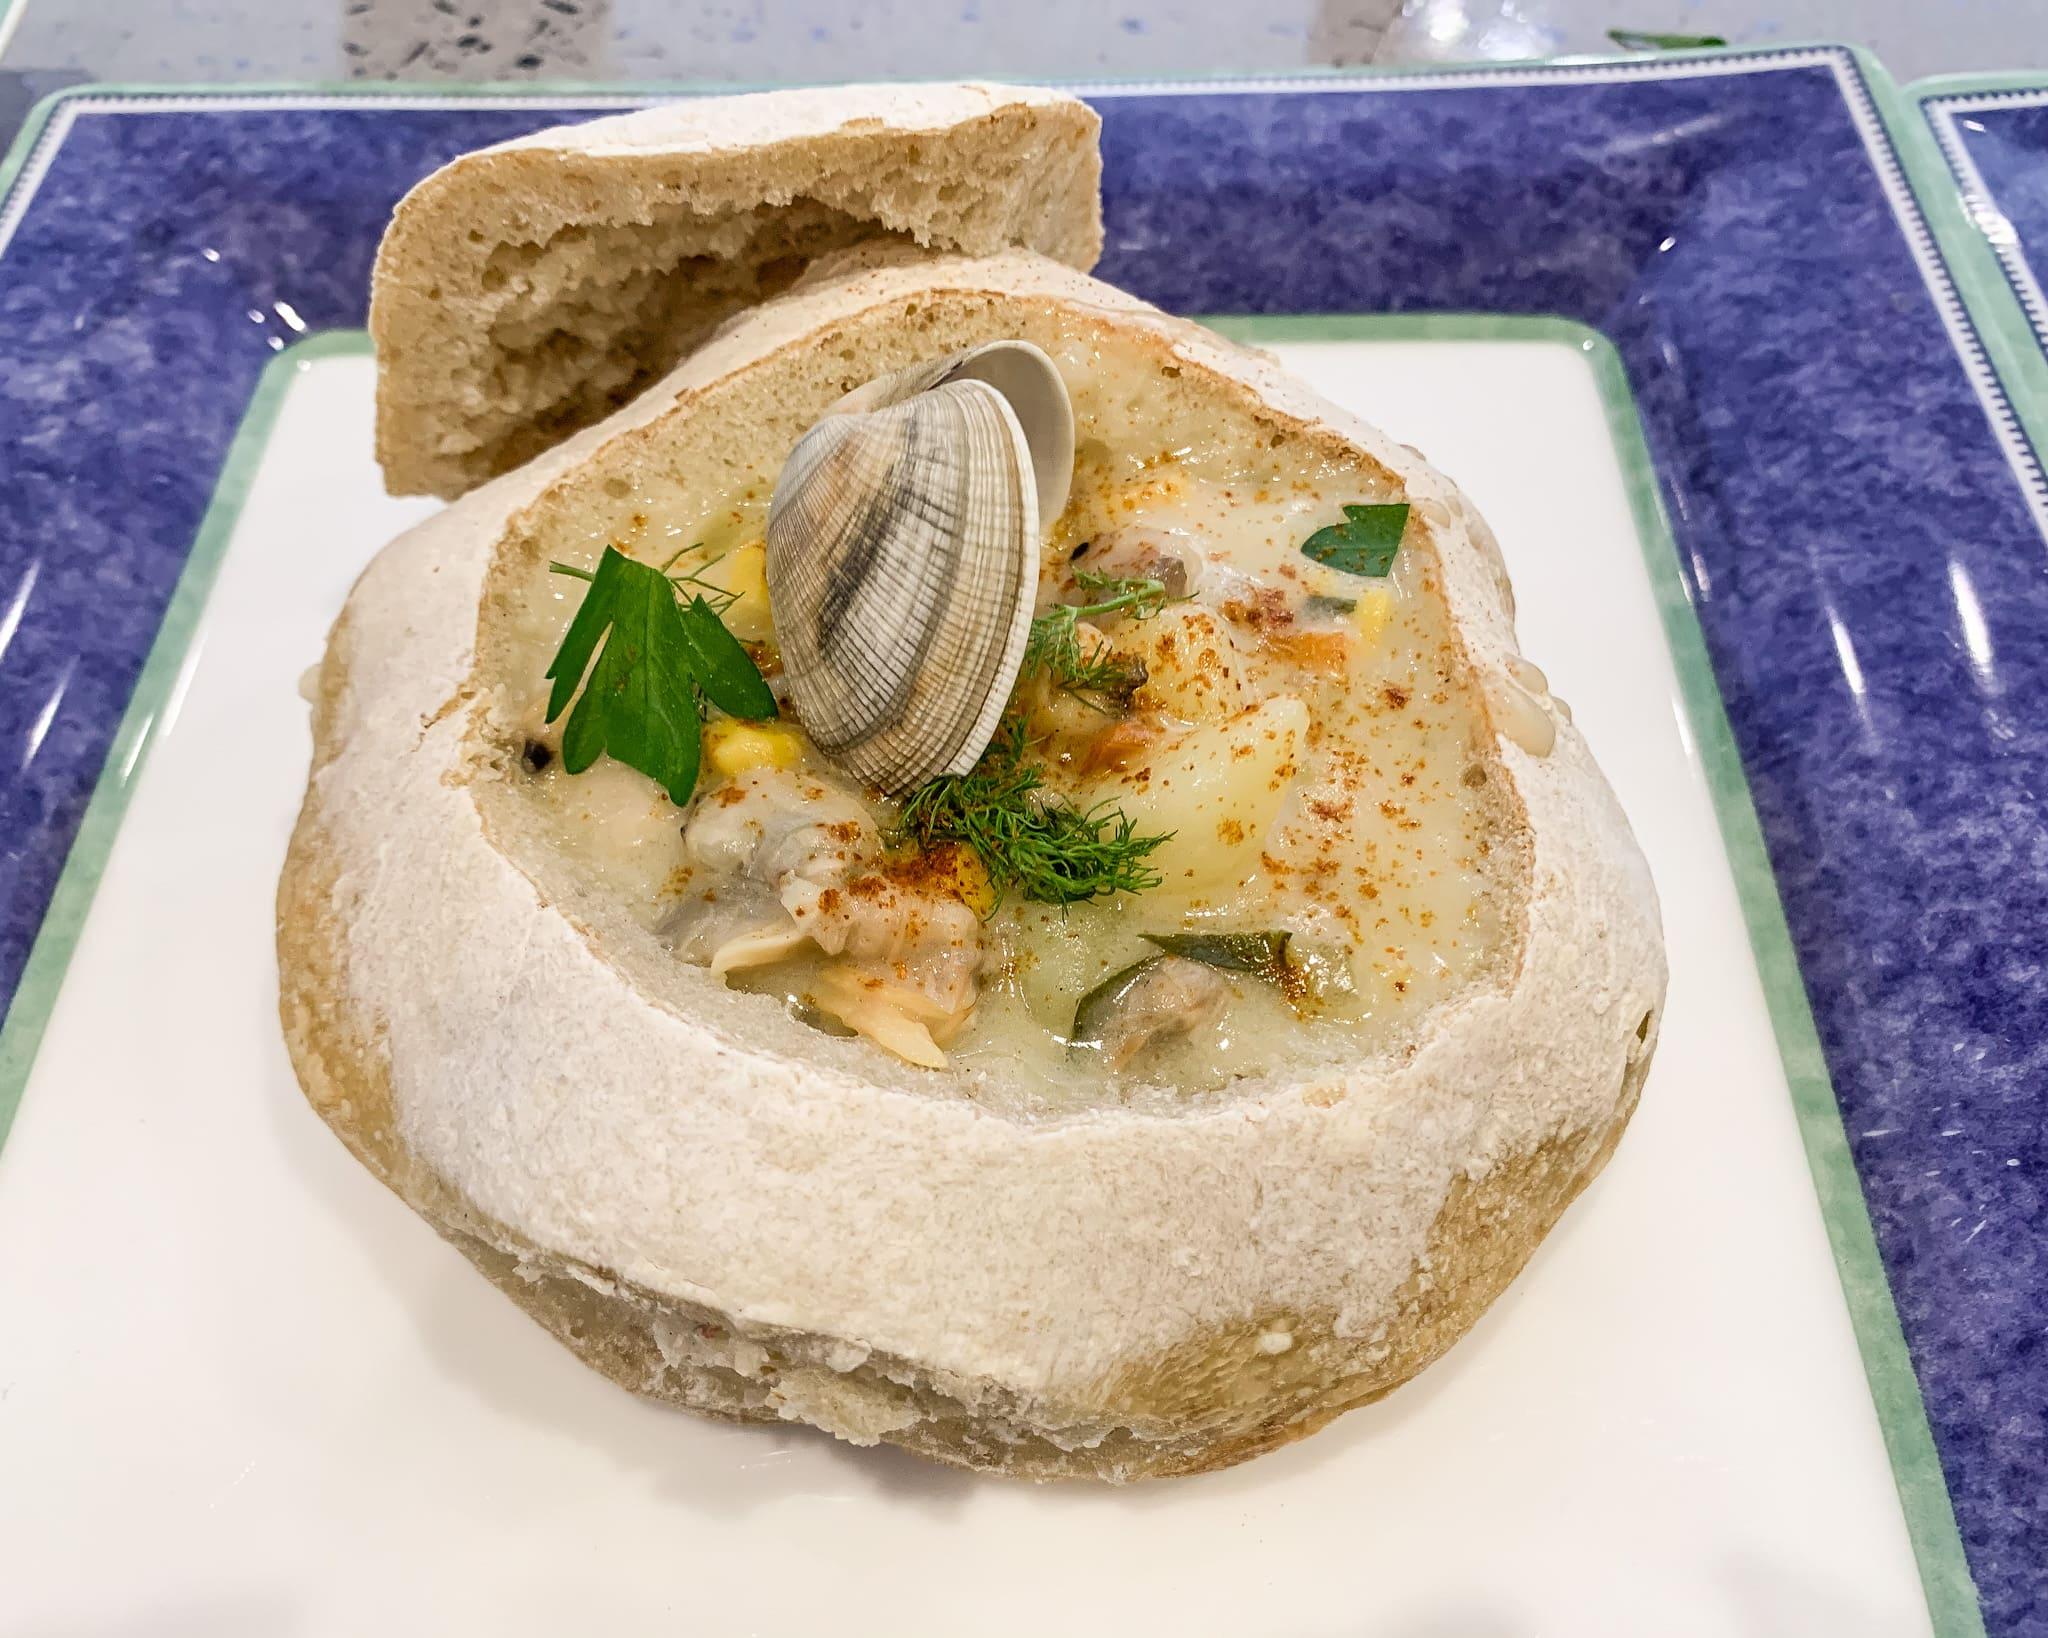 La clam chowder è una zuppa di vongole originaria del New England, da assaggiare assolutamente durante un road trip in America.